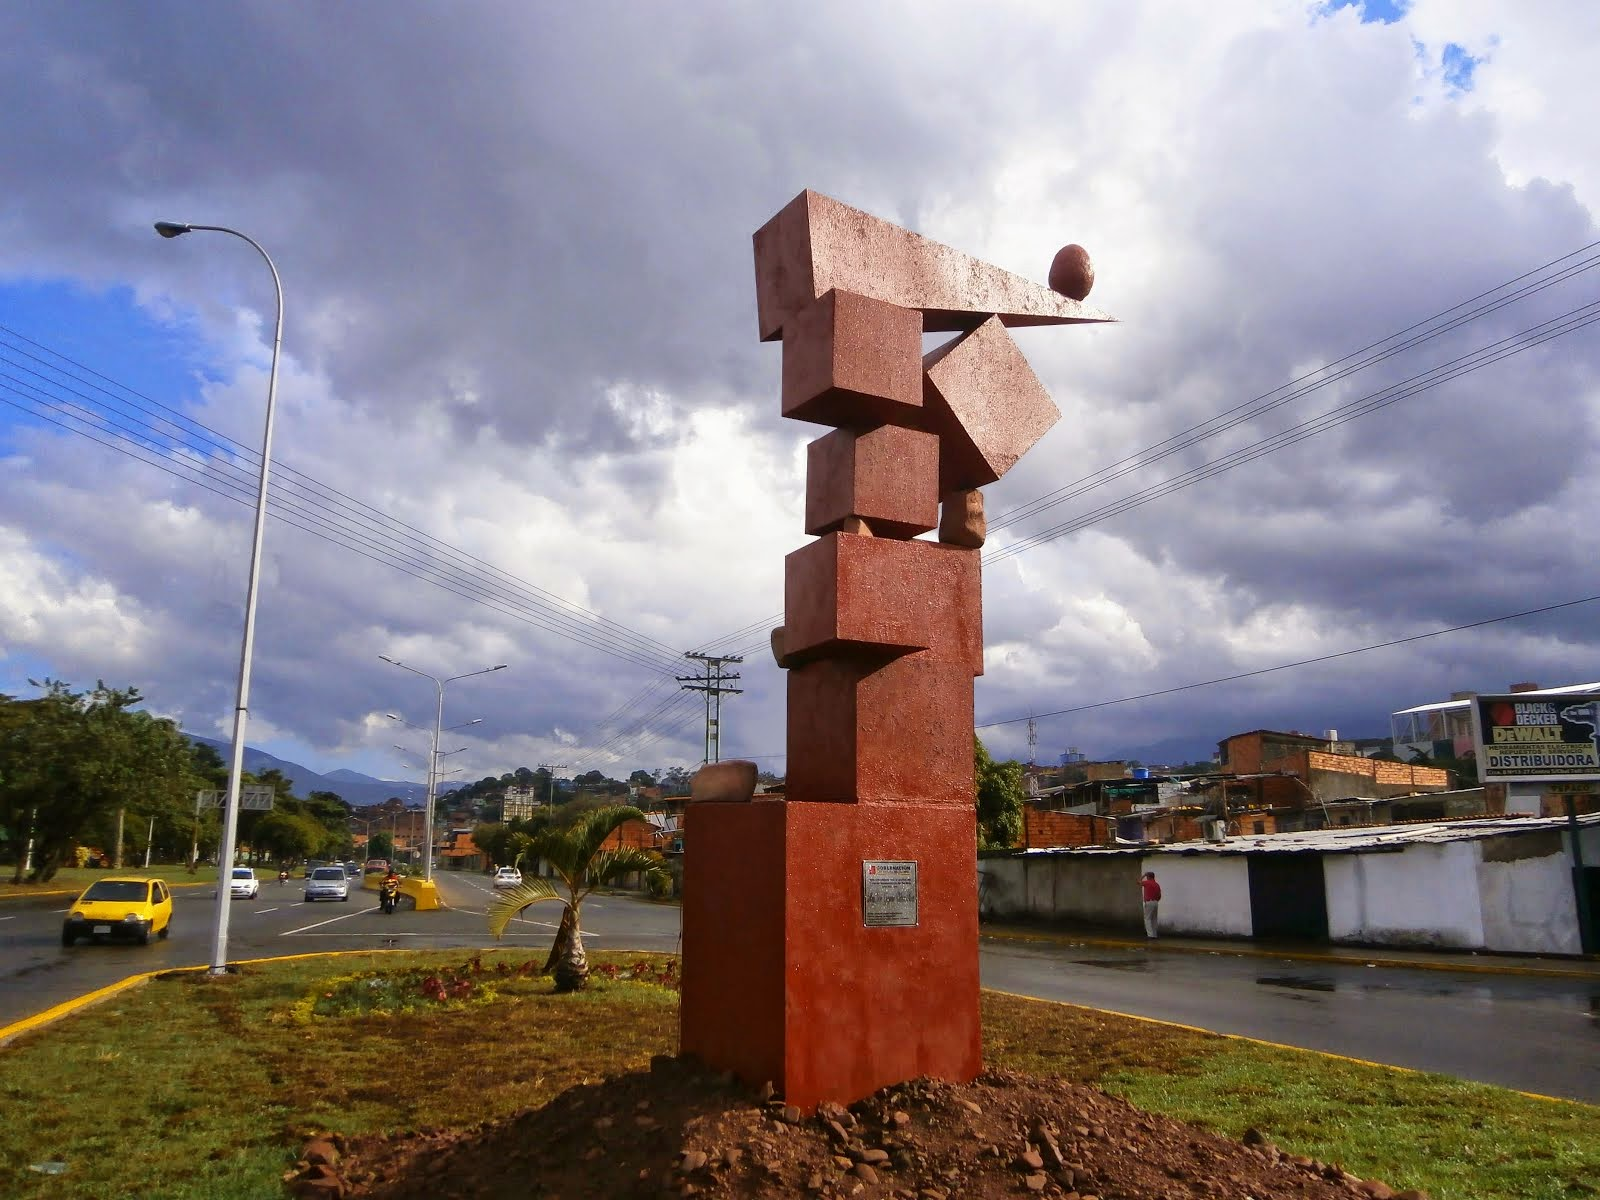 San Cristóbal en el Borde de una exposición al aire libre